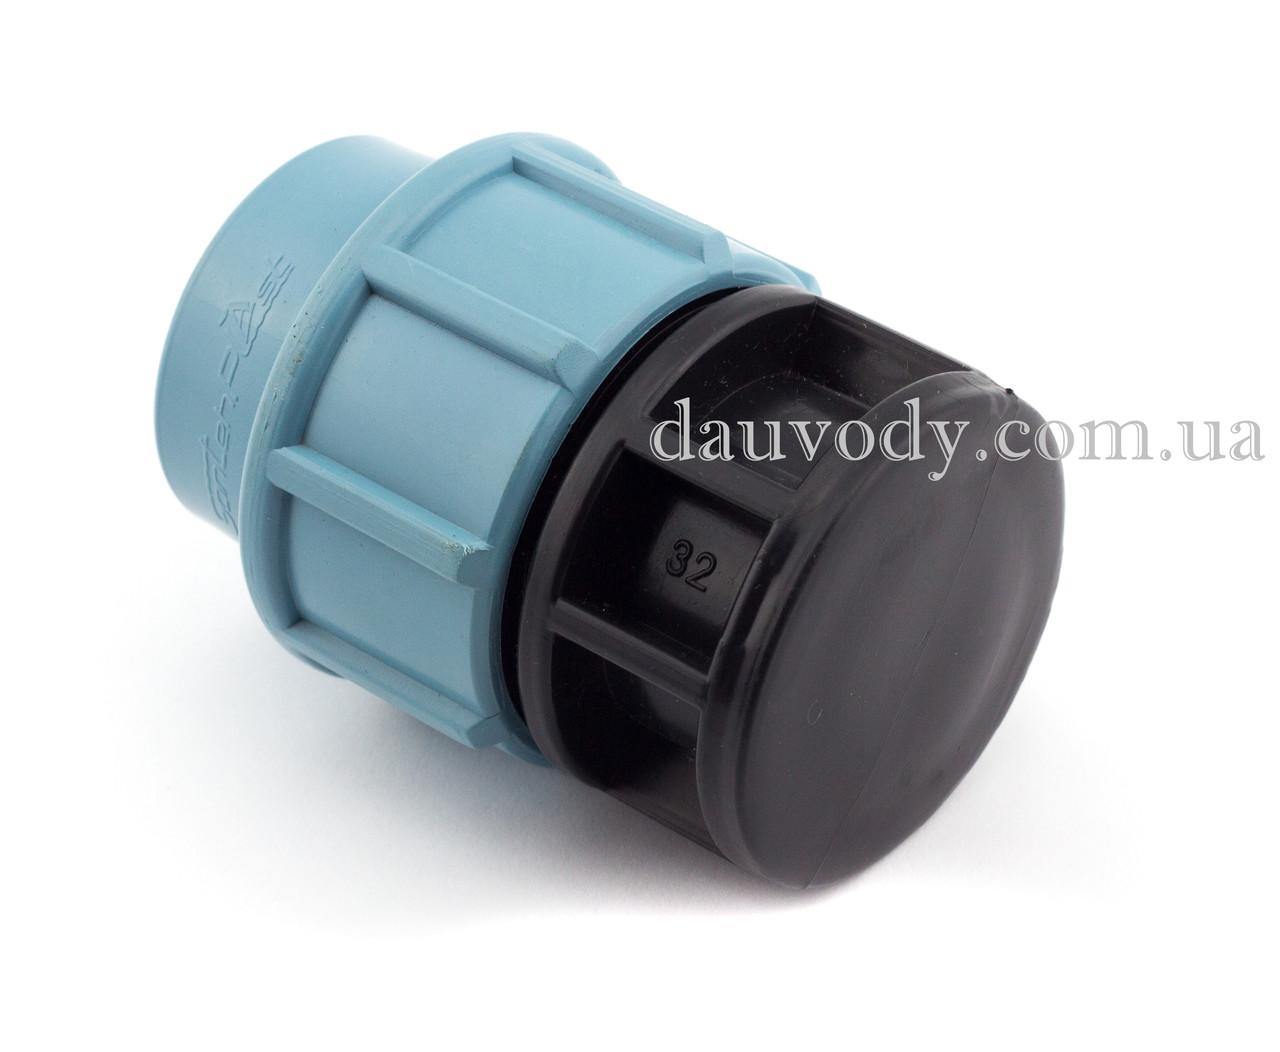 Заглушка пнд 63 для полиэтиленовых труб (Santehplast)